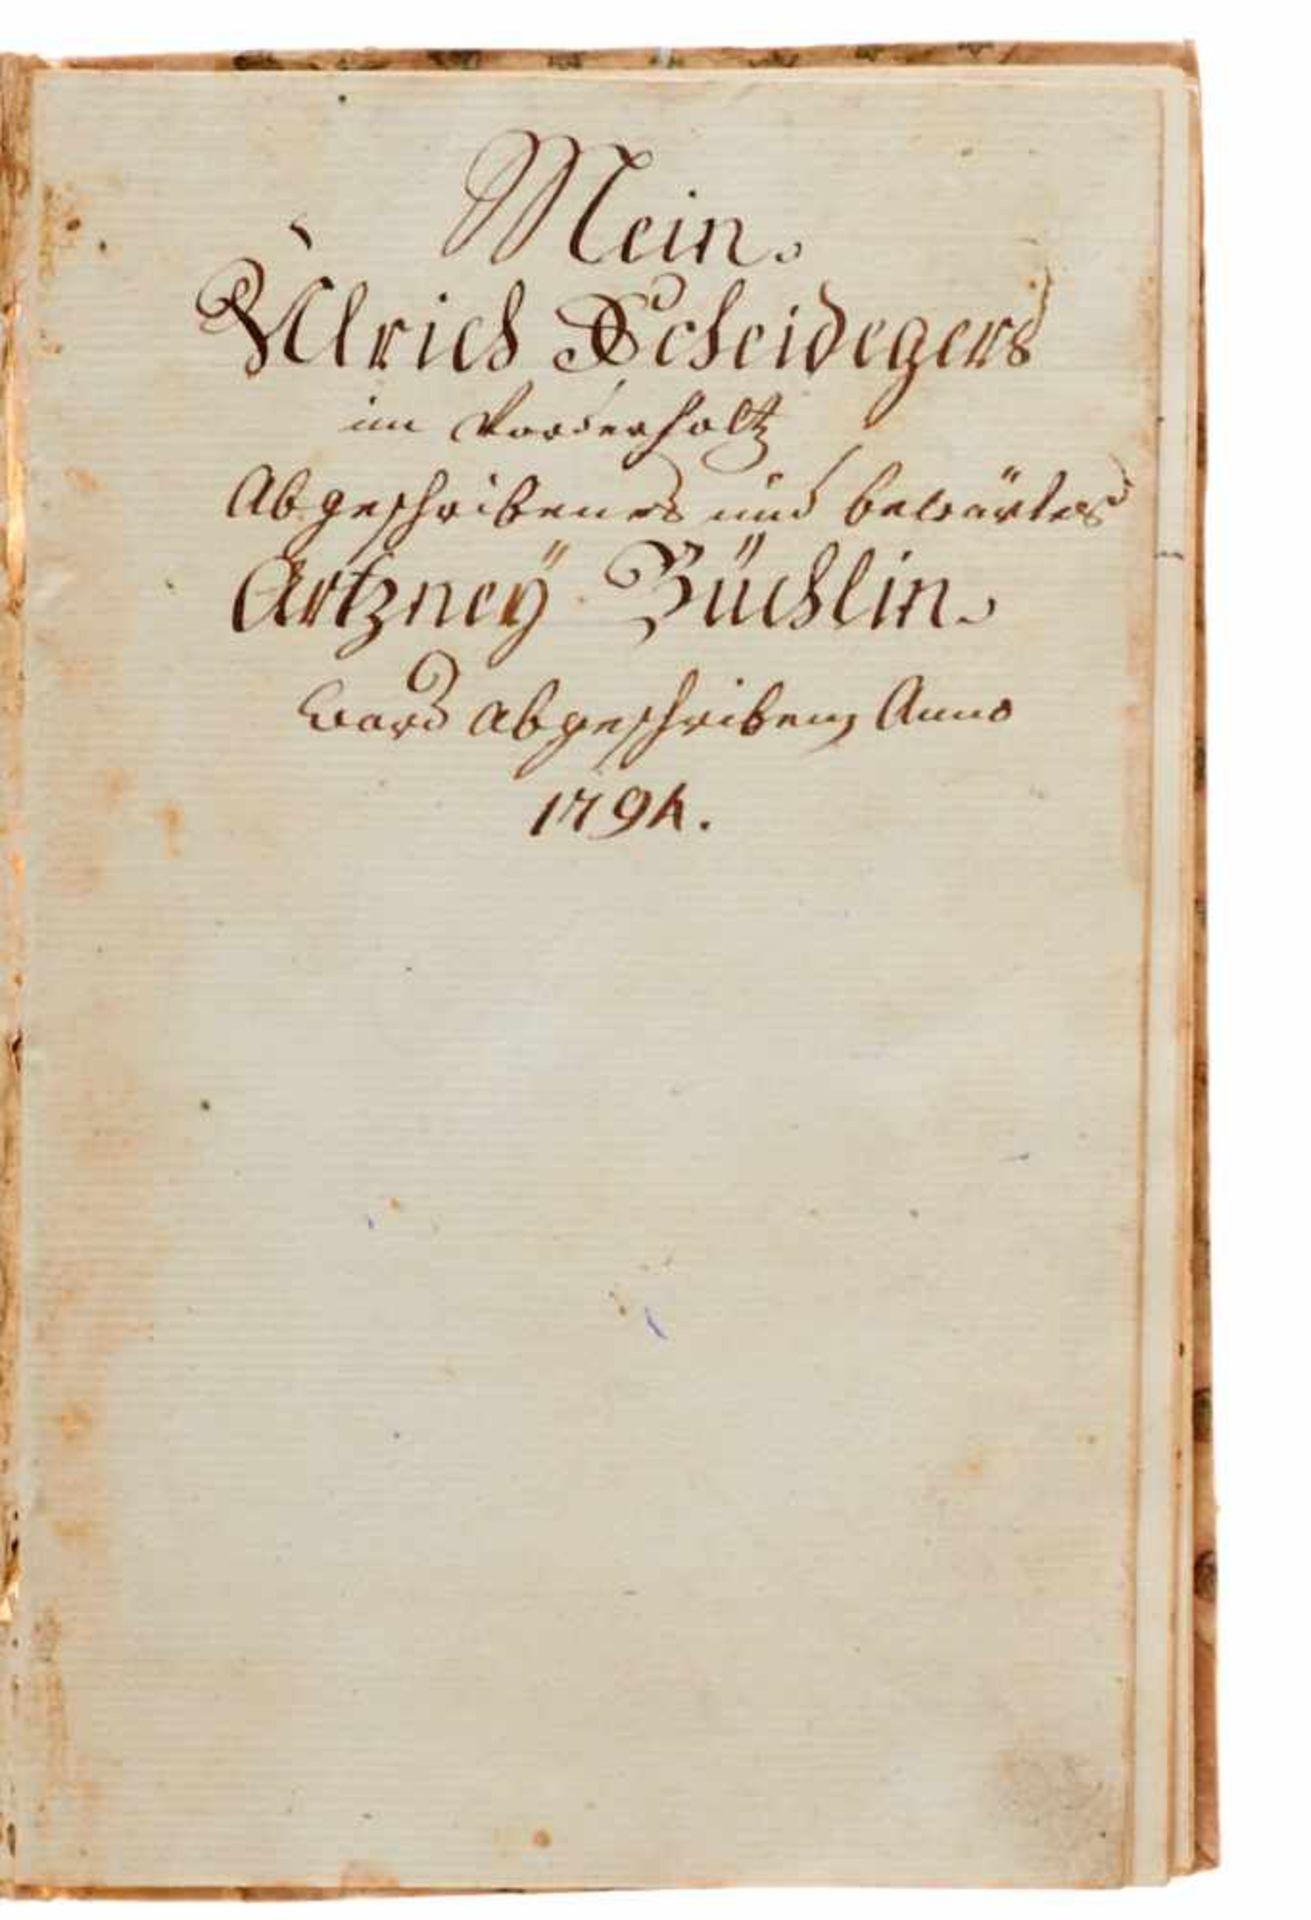 """""""Artzney Büchlin"""" Deutsche Handschrift auf Papier.Wohl Deutschland, dat. 1794. Mit - Bild 2 aus 4"""